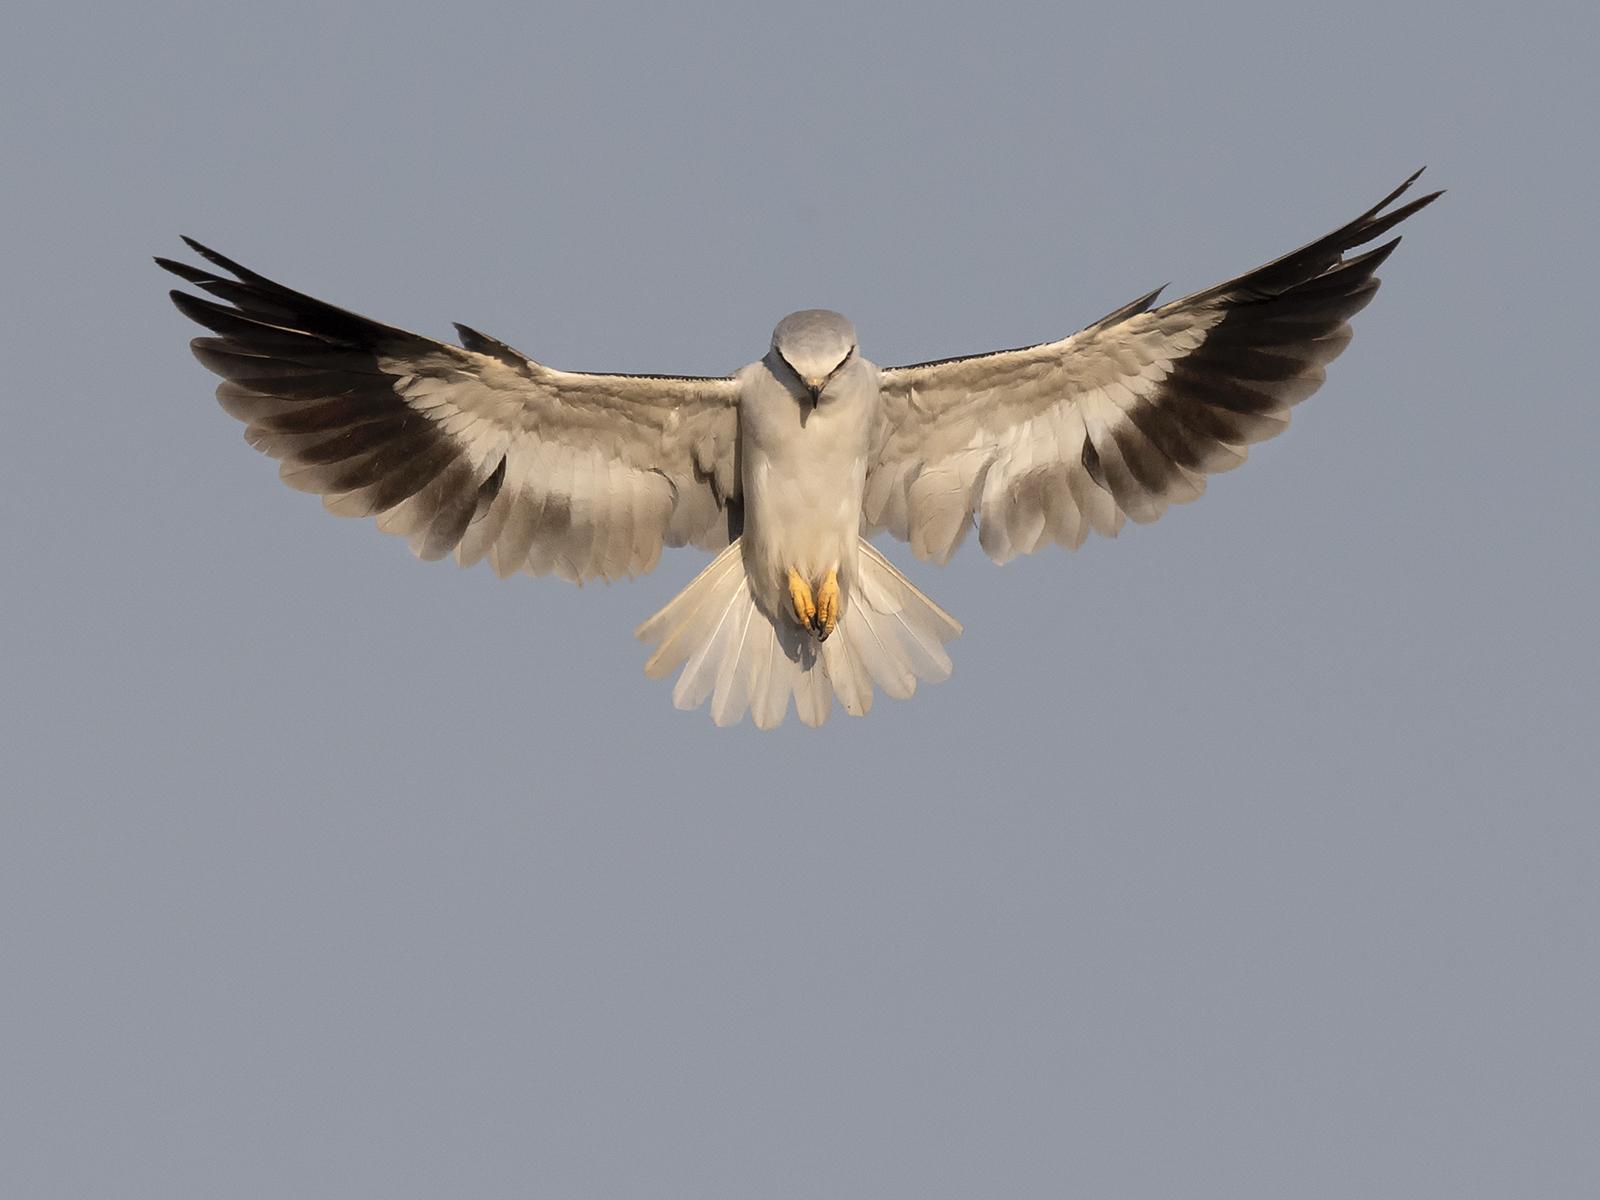 Black Shouldered Kite Hovering